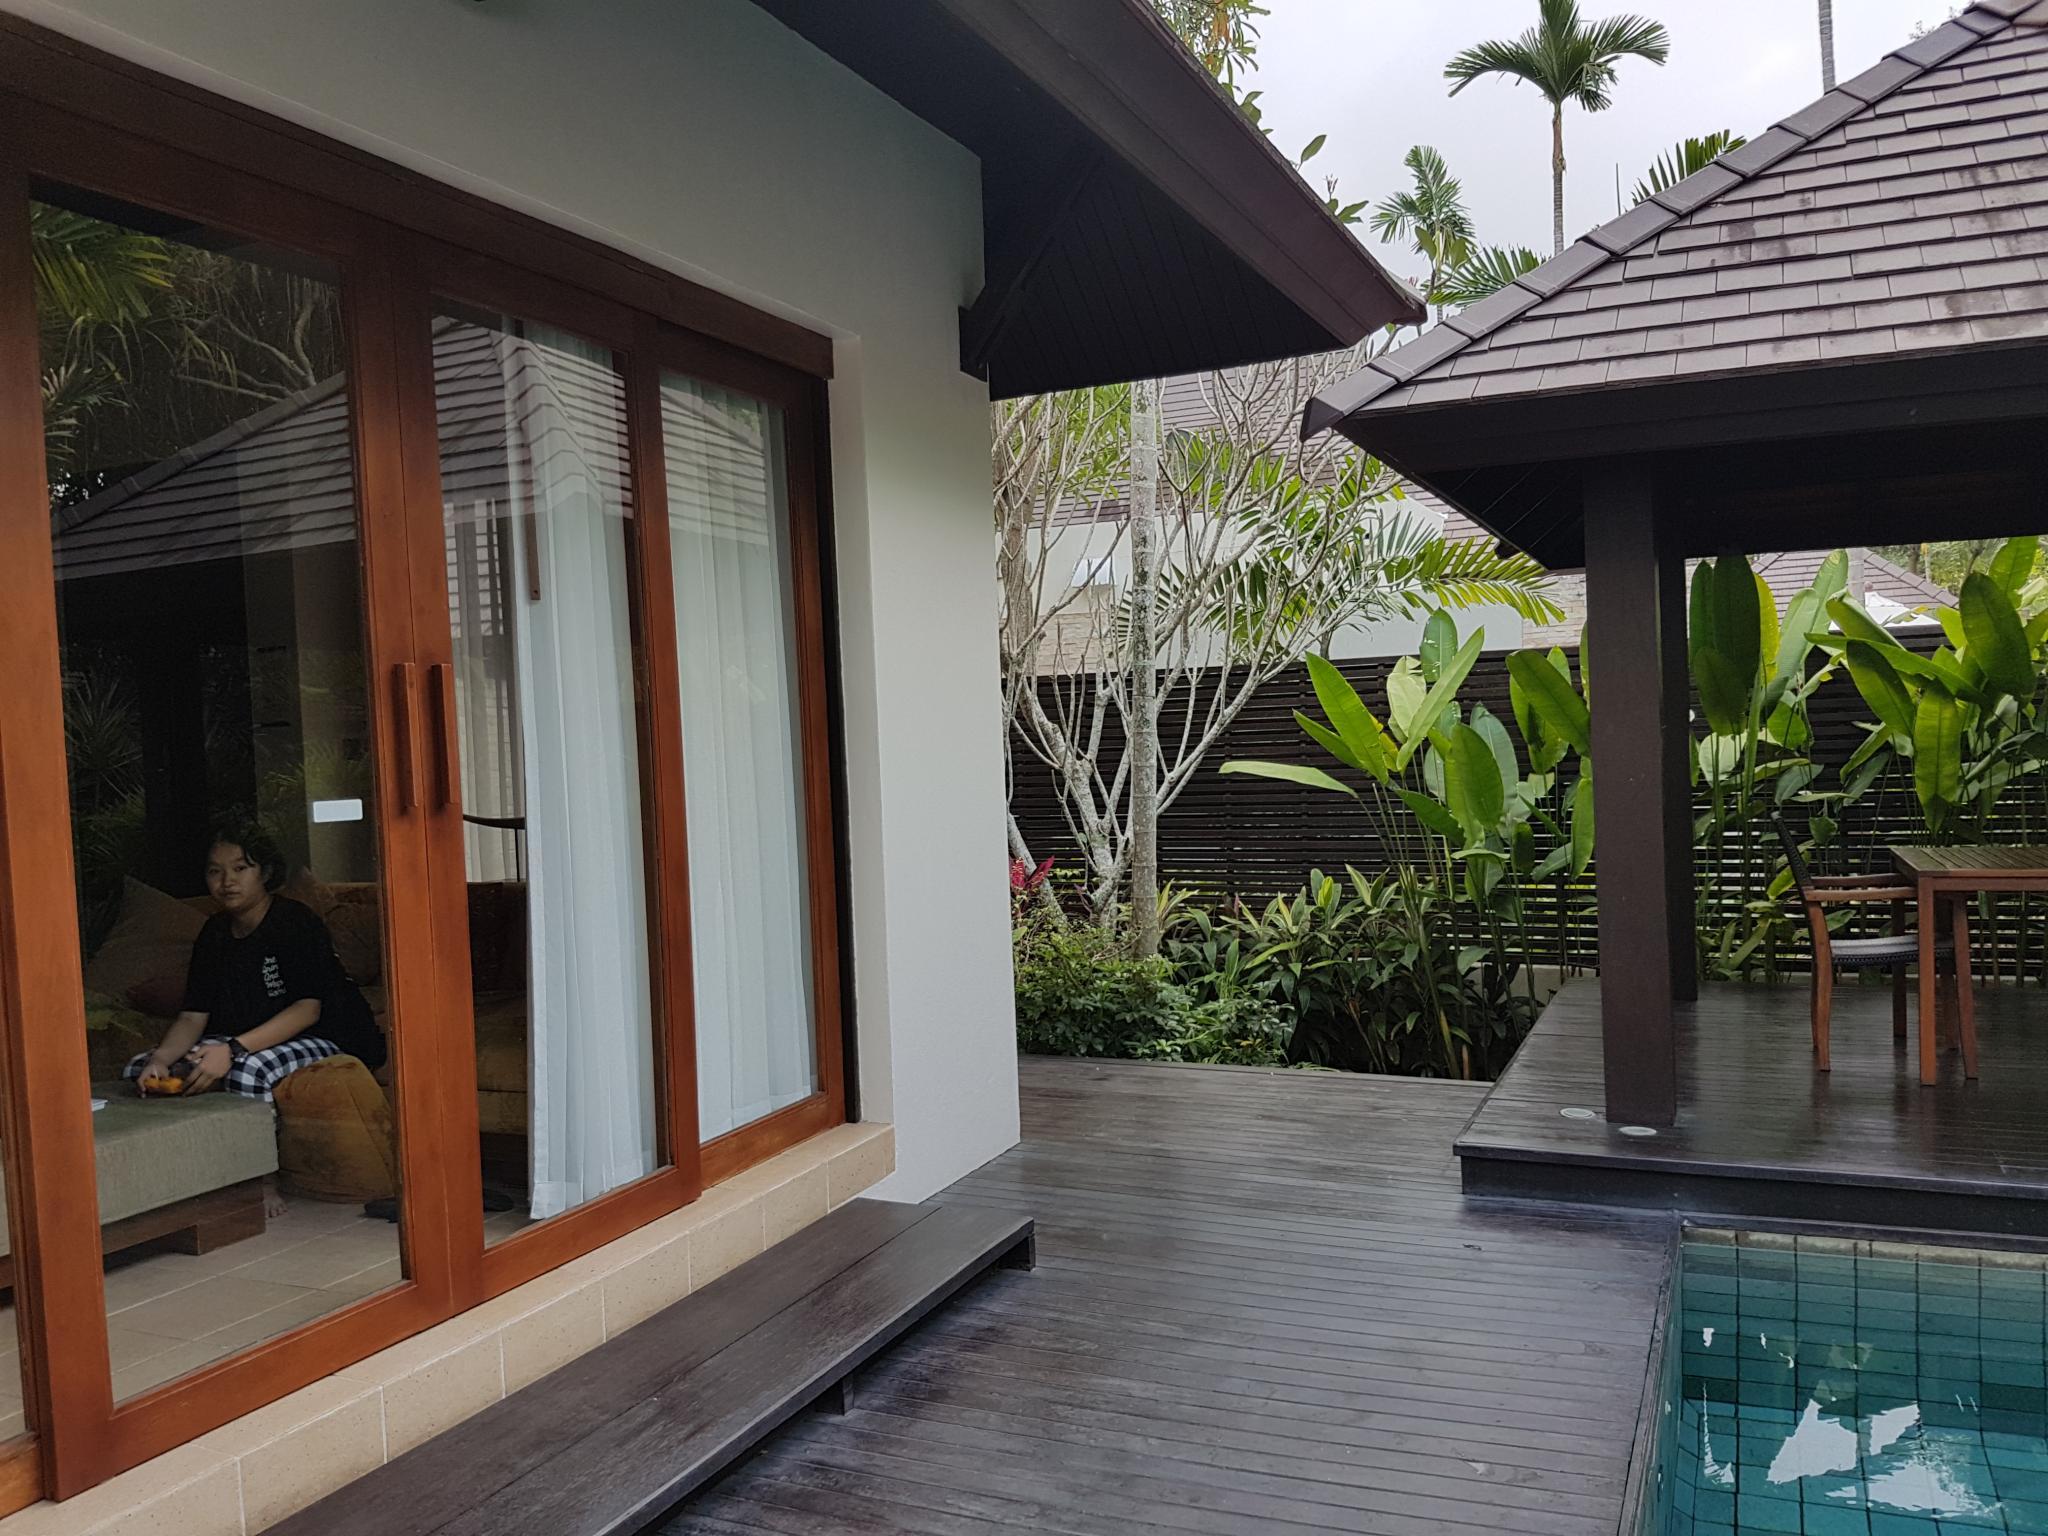 Bang Saray beach wedding & villa.-20191227_133239-jpg